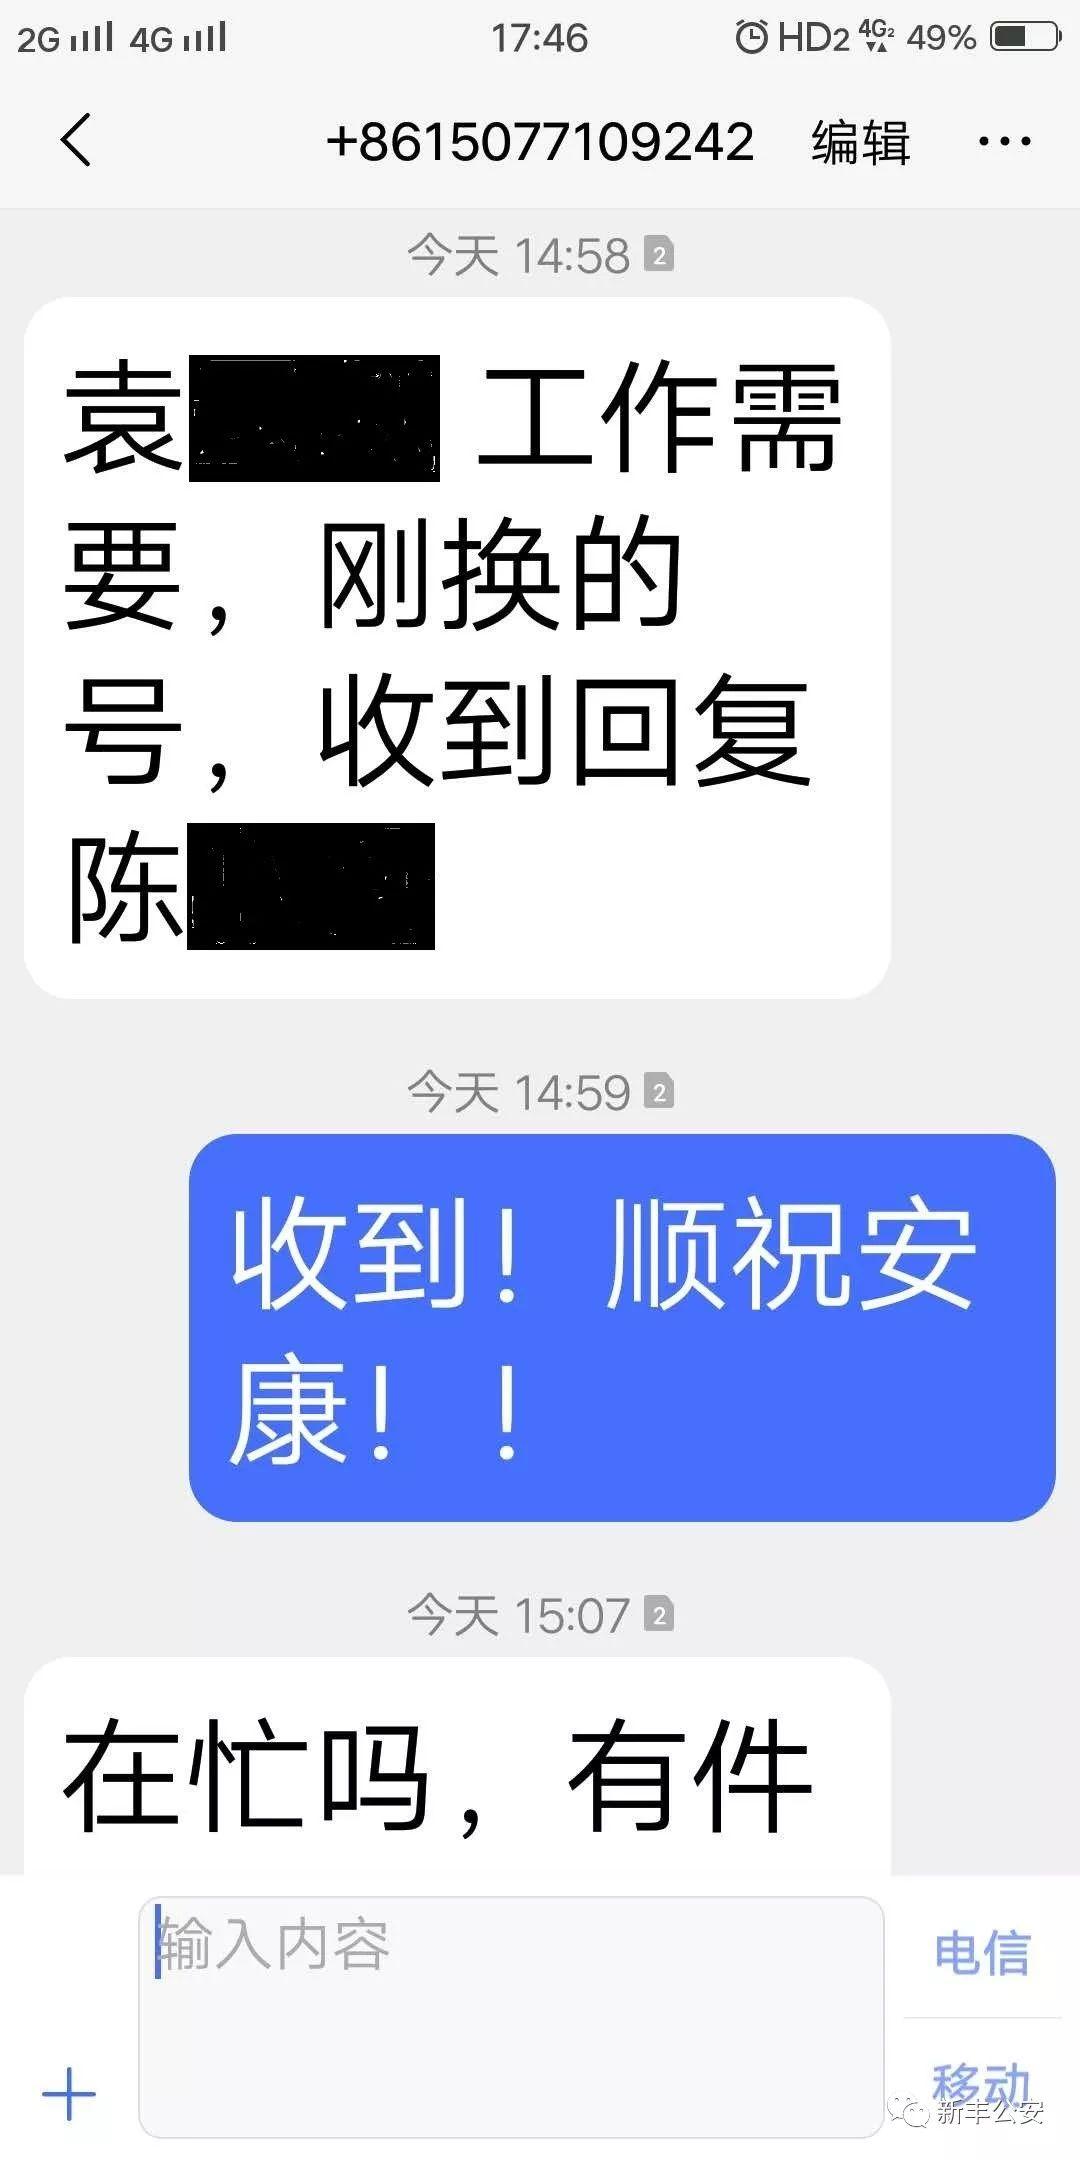 新丰公安 温馨提示